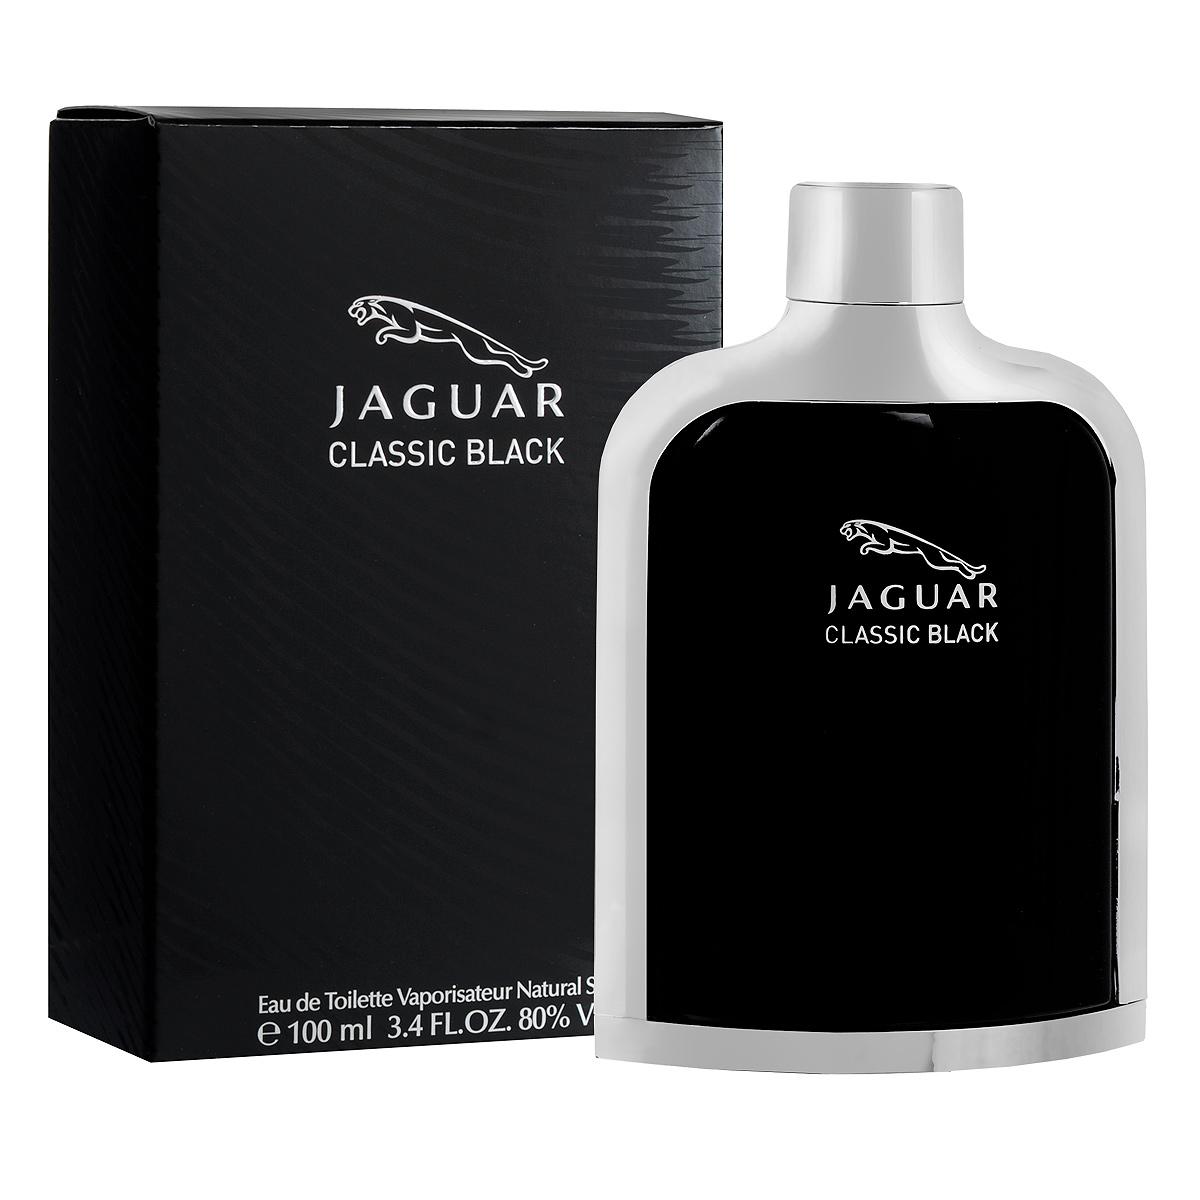 Jaguar Туалетная вода Classic Black, мужская, 100 мл04141Туалетная вода Classic Black от Jaguar - изысканный роскошный аромат из коллекции Classic.Скорость и сдержанность, чувственность и сексуальность привлекают и интересуют настоящих мужчин, пользующихся успехом как у женщин, так и в кругу друзей, коллег и деловых партнеров. Классификация аромата: восточно-фужерный.Пирамида аромата:Верхние ноты: горький апельсин, мандарин, зеленое яблоко.Ноты сердца: герань, кардамон, чай, морская вода, мускатный орех.Ноты шлейфа:ветивер, сандаловое дерево, дубовый мох, кедр, тонка бобы, белый мускус.Ключевые слова Динамичный, экспрессивный!